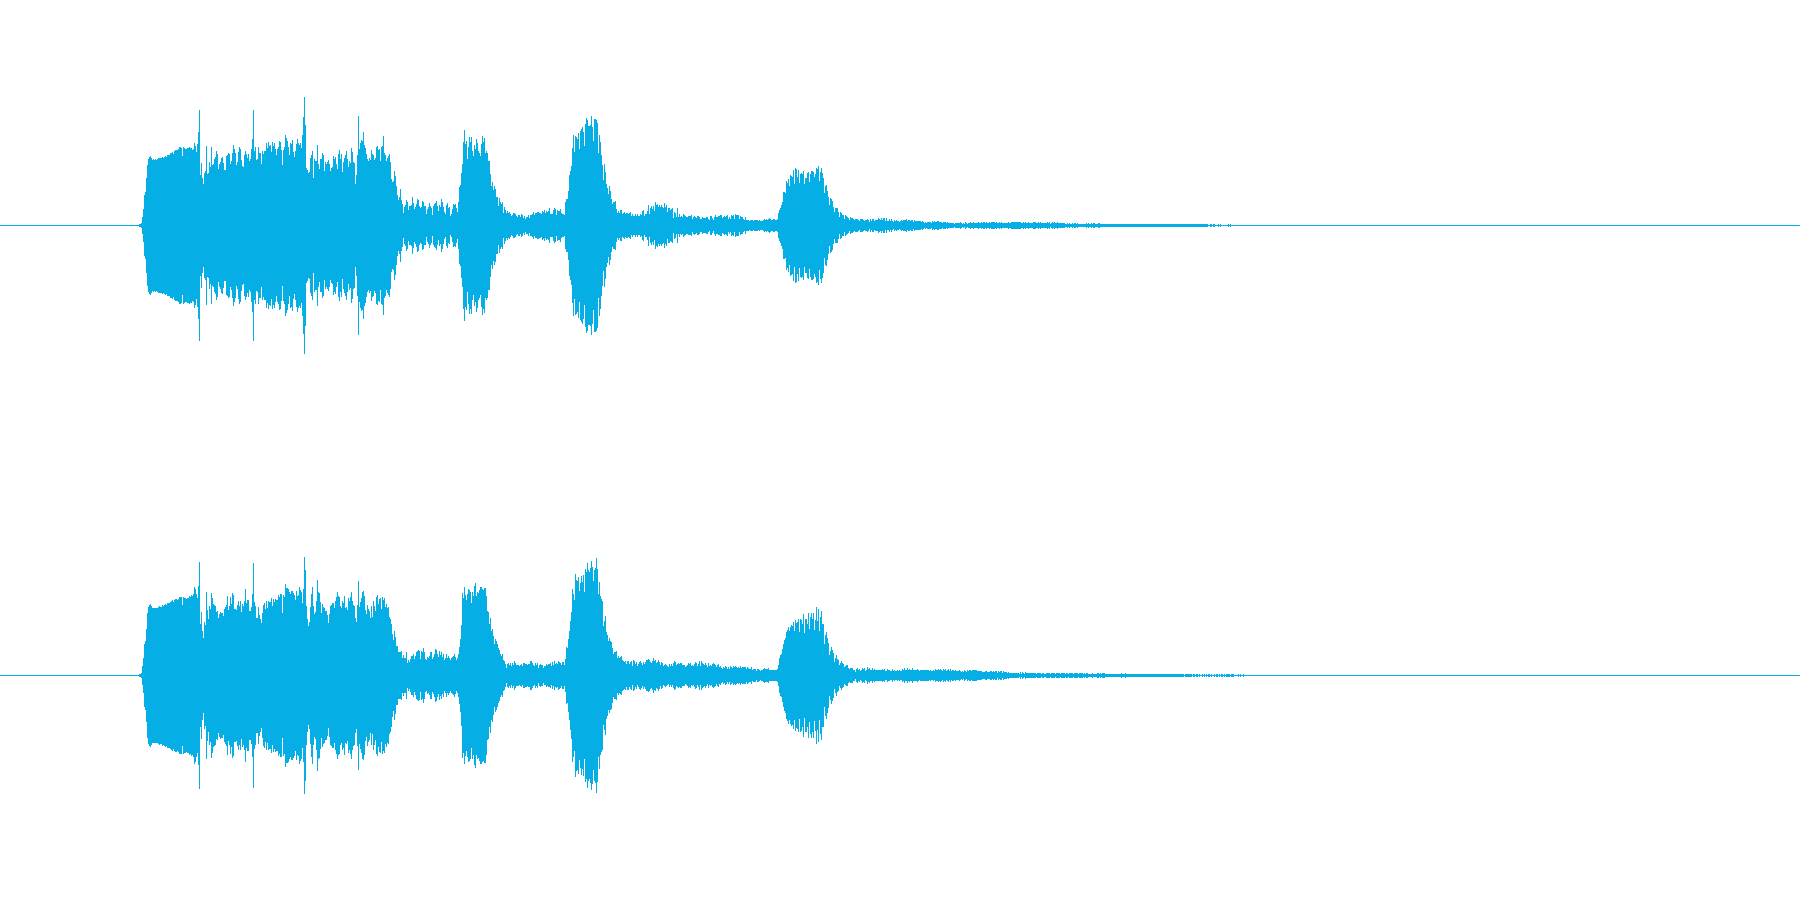 タラランタンタン(ジングル、終わり)の再生済みの波形